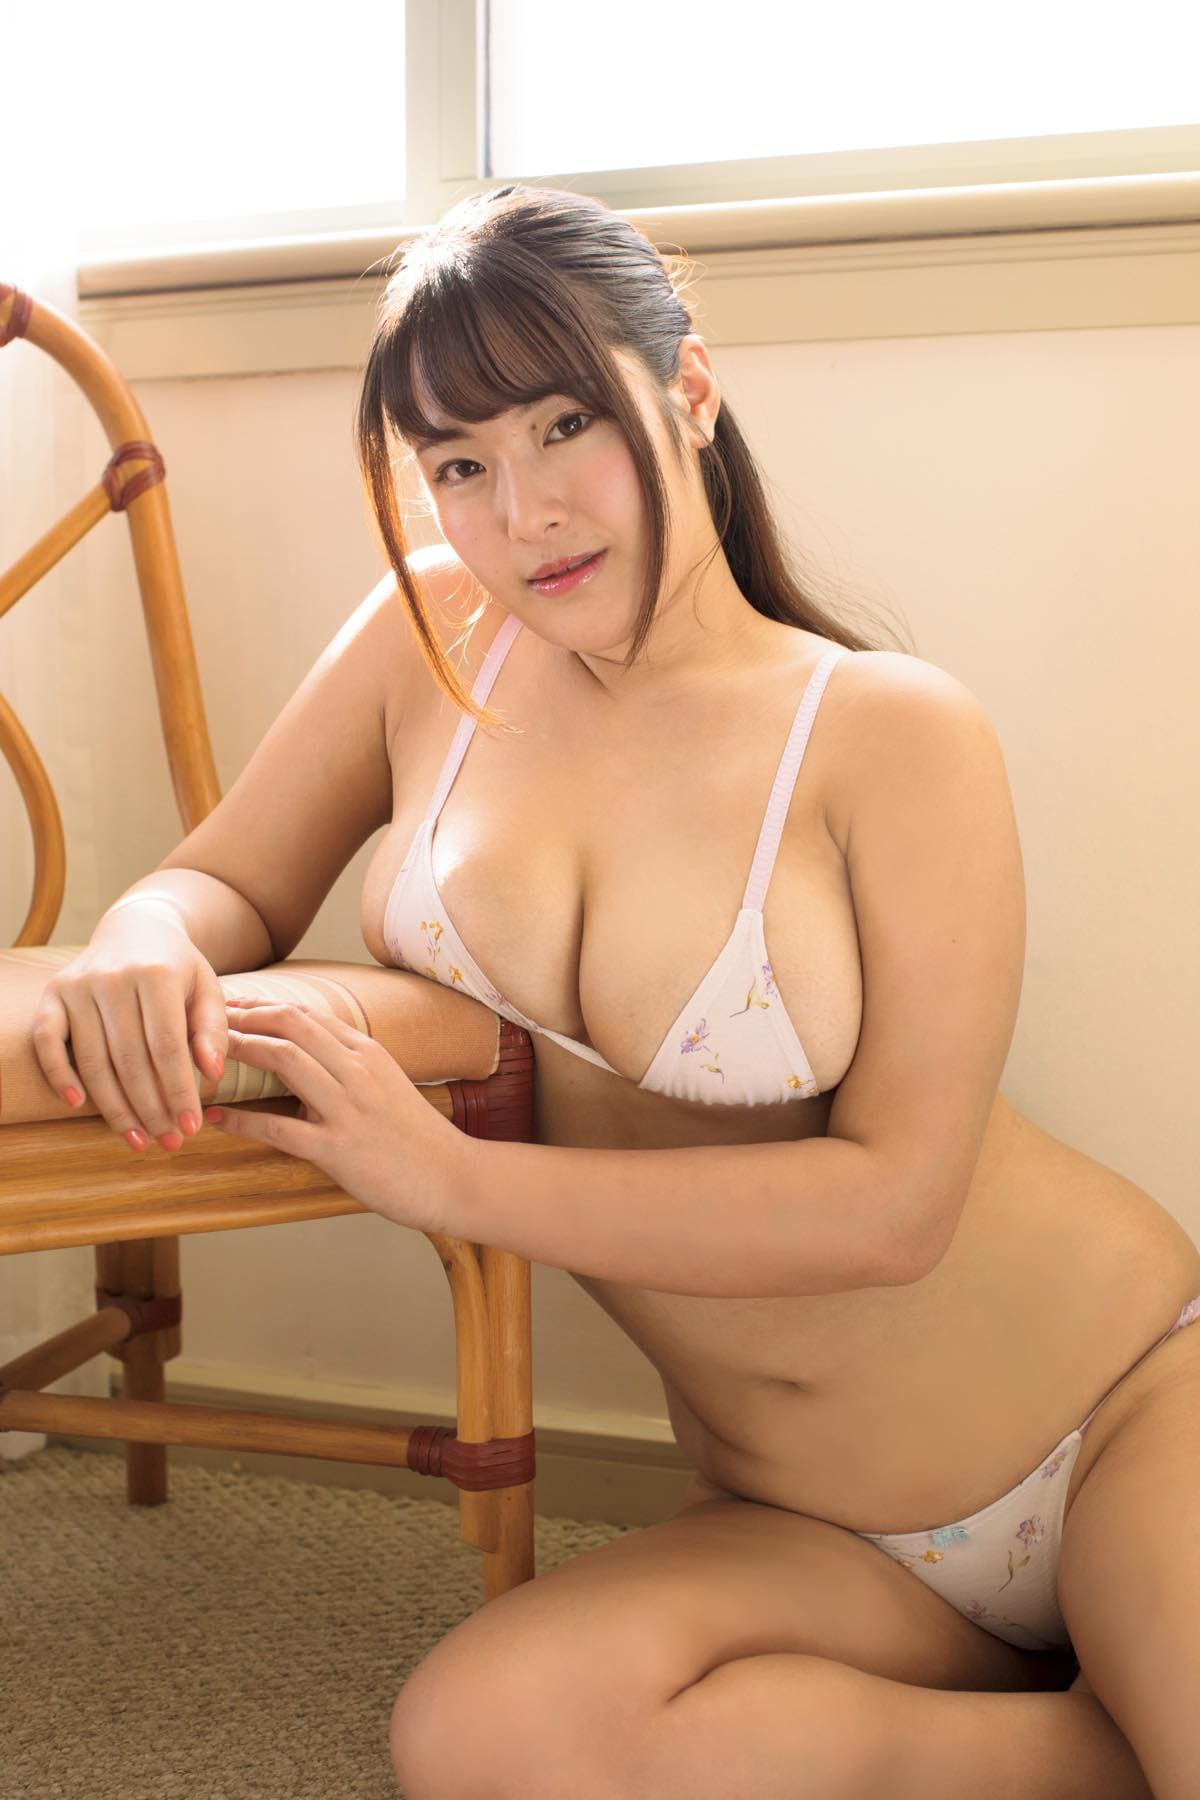 秋山かほ「胸が大きすぎてチェーンがちぎれちゃいました」【写真12枚】の画像005